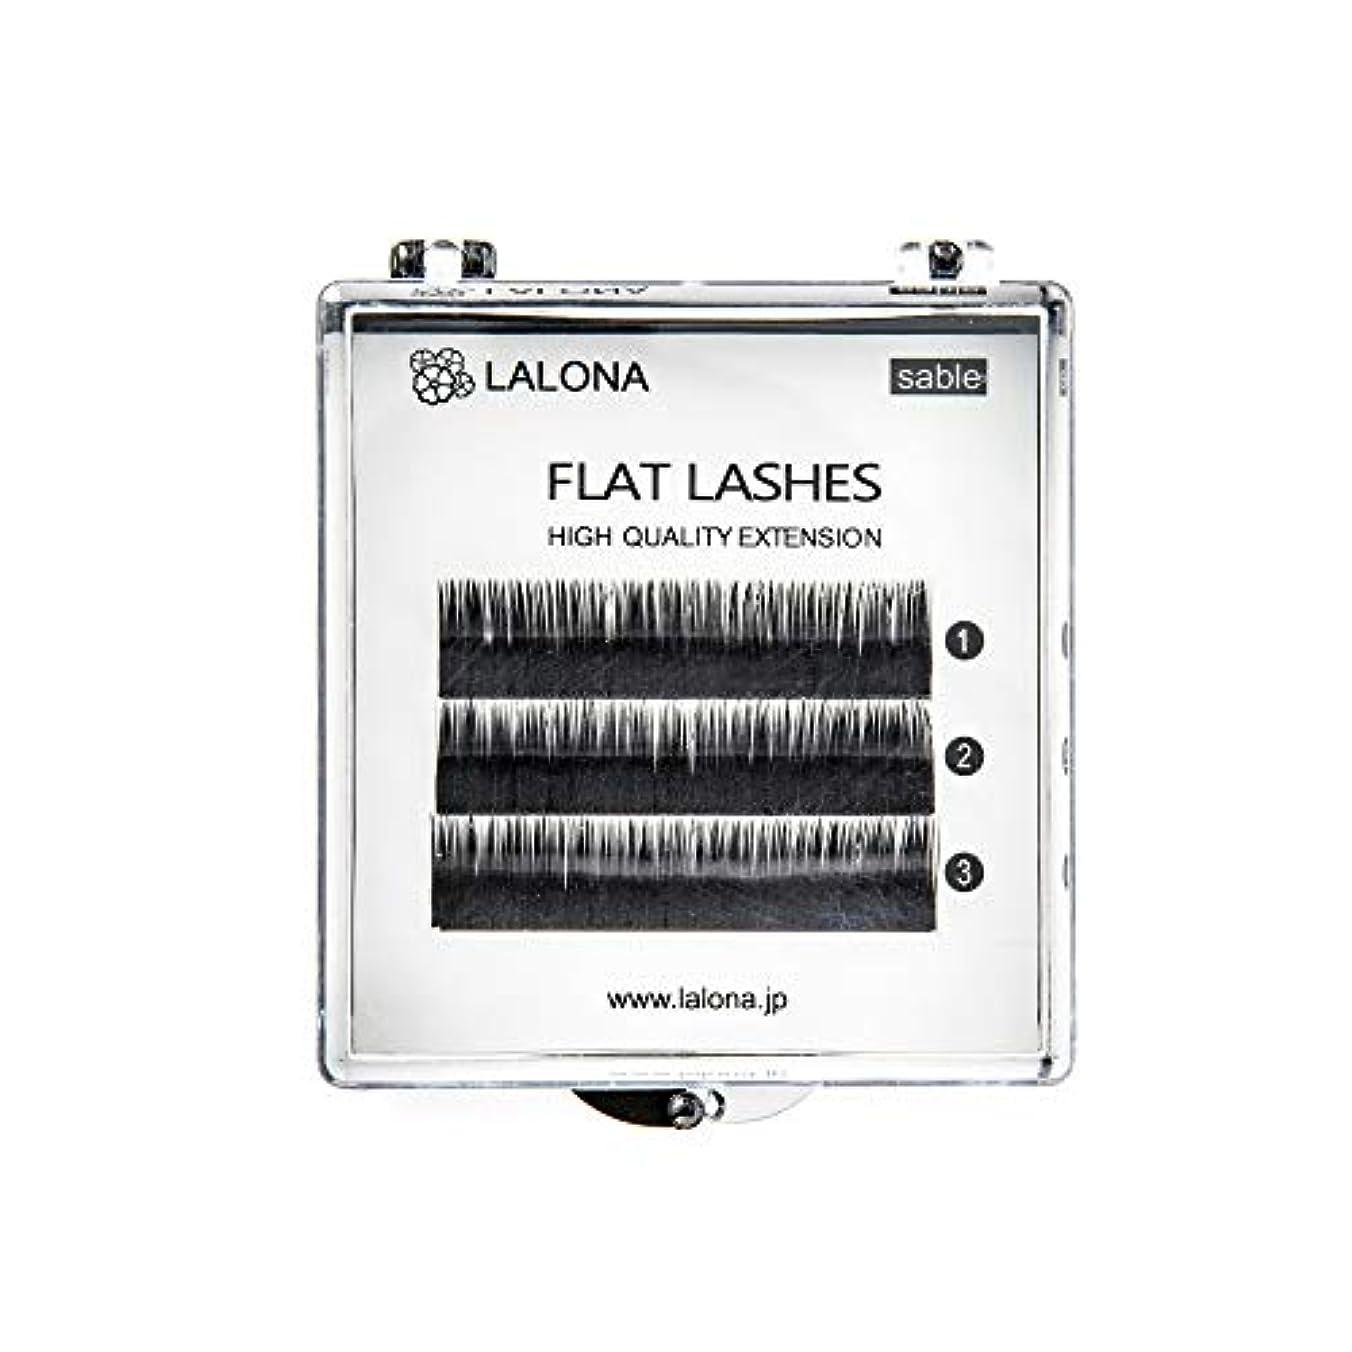 キモいぞっとするような前置詞LALONA [ ラローナ ] フラットラッシュ (BLK) (3列) まつげエクステ 平面加工 Lディテール ブラック (Cカール 0.15 / 11mm)